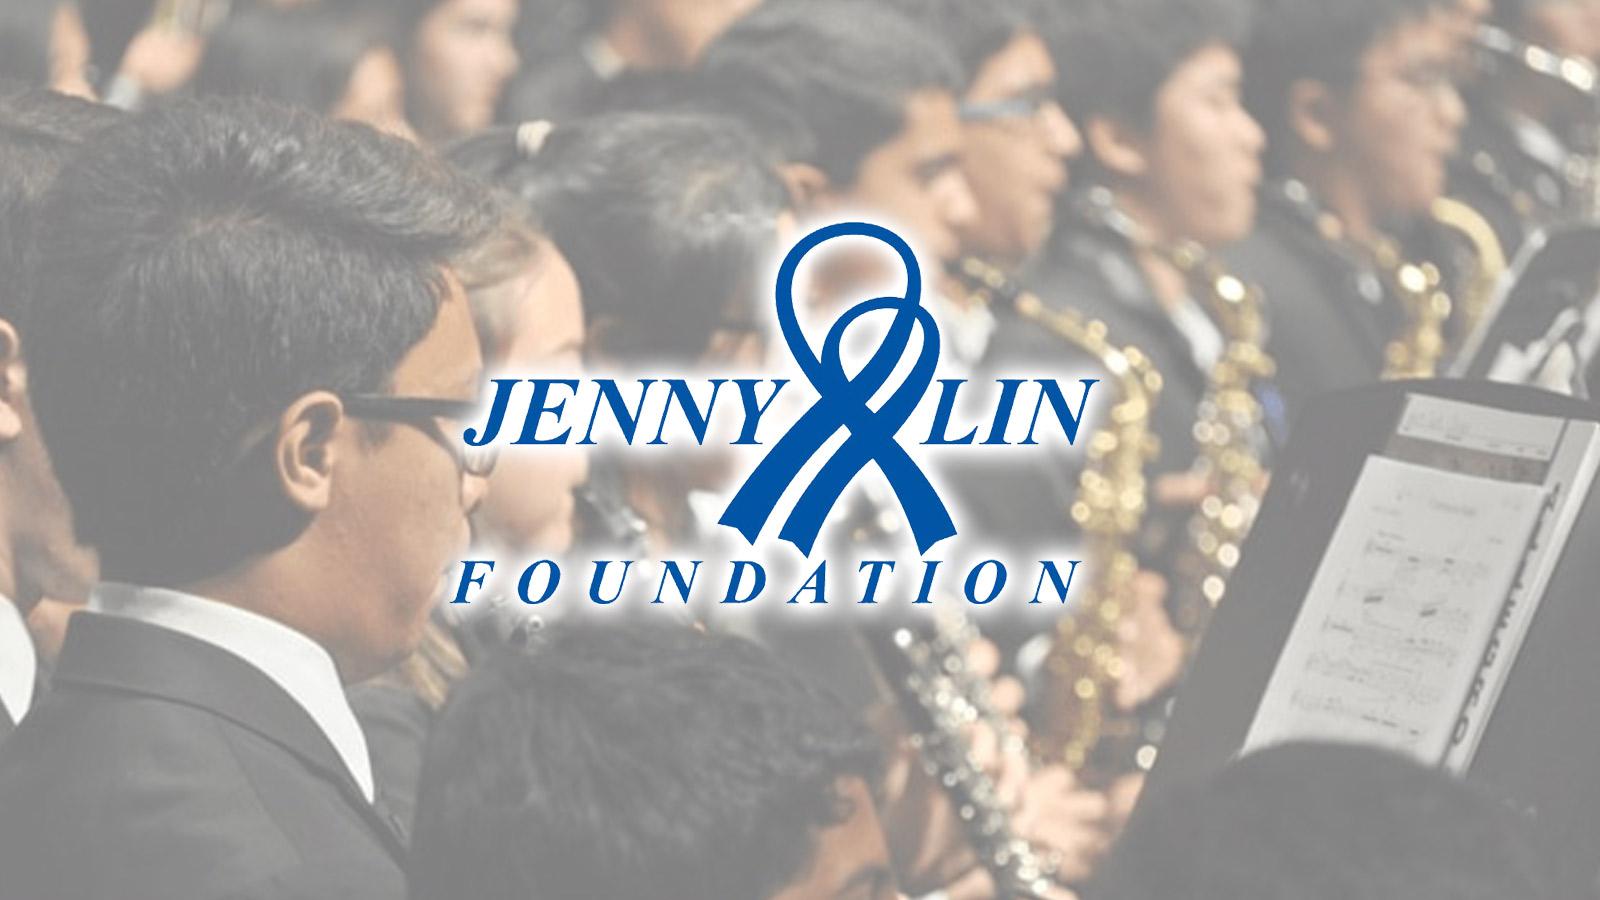 Jenny Lin Foundation